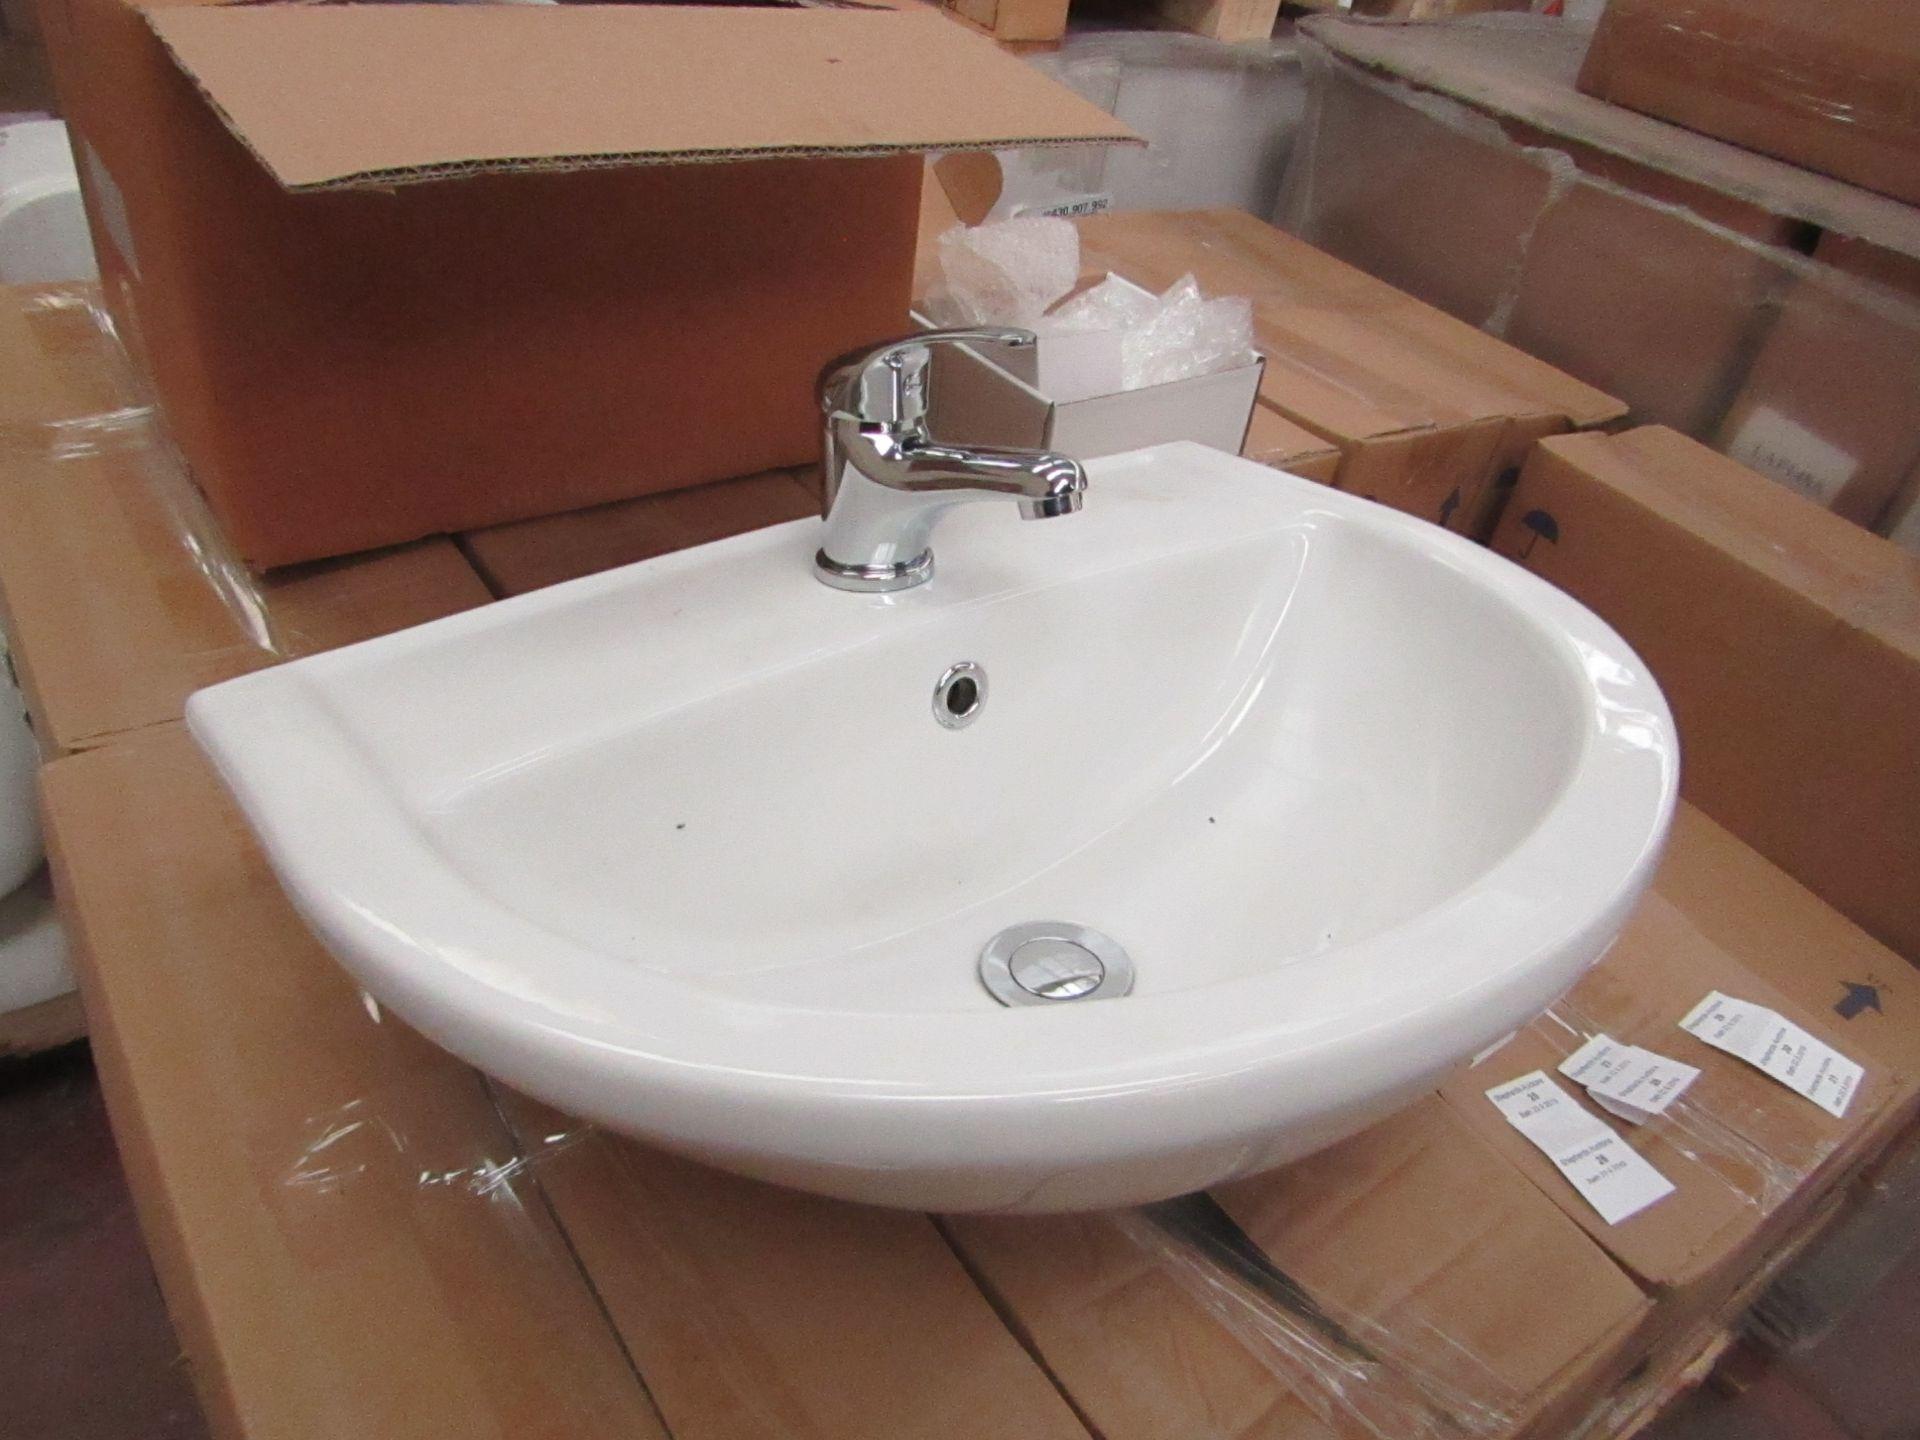 Lotto 29 - Lecico Remini 50cm 1 tap hole sink, new